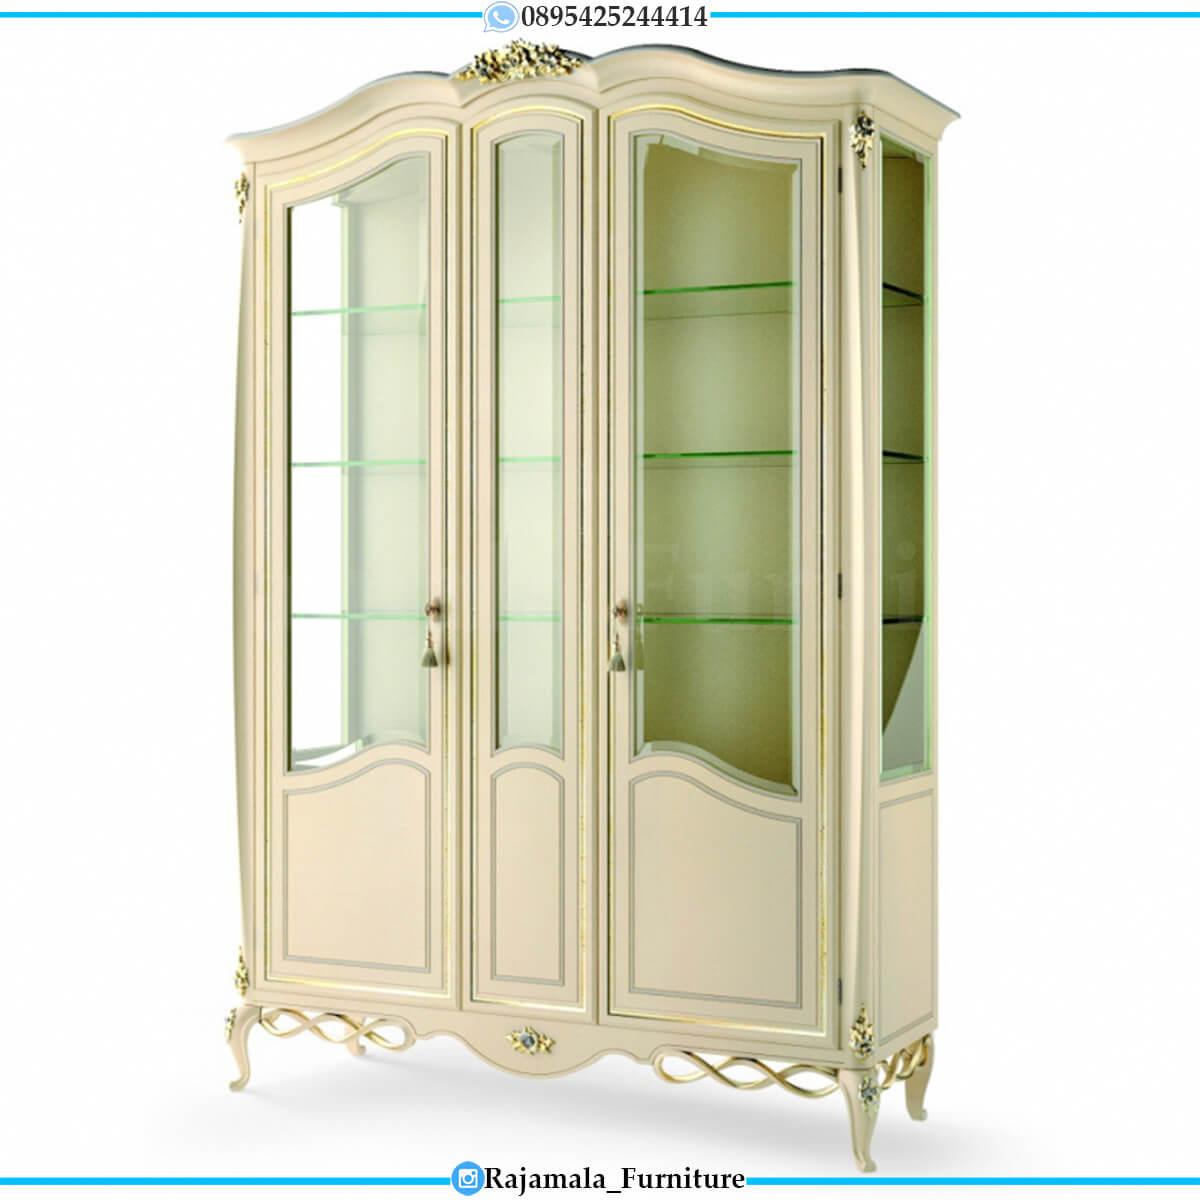 New Lemari Hias Mewah Kaca Ukiran Jepara Luxury Furniture RM-0684